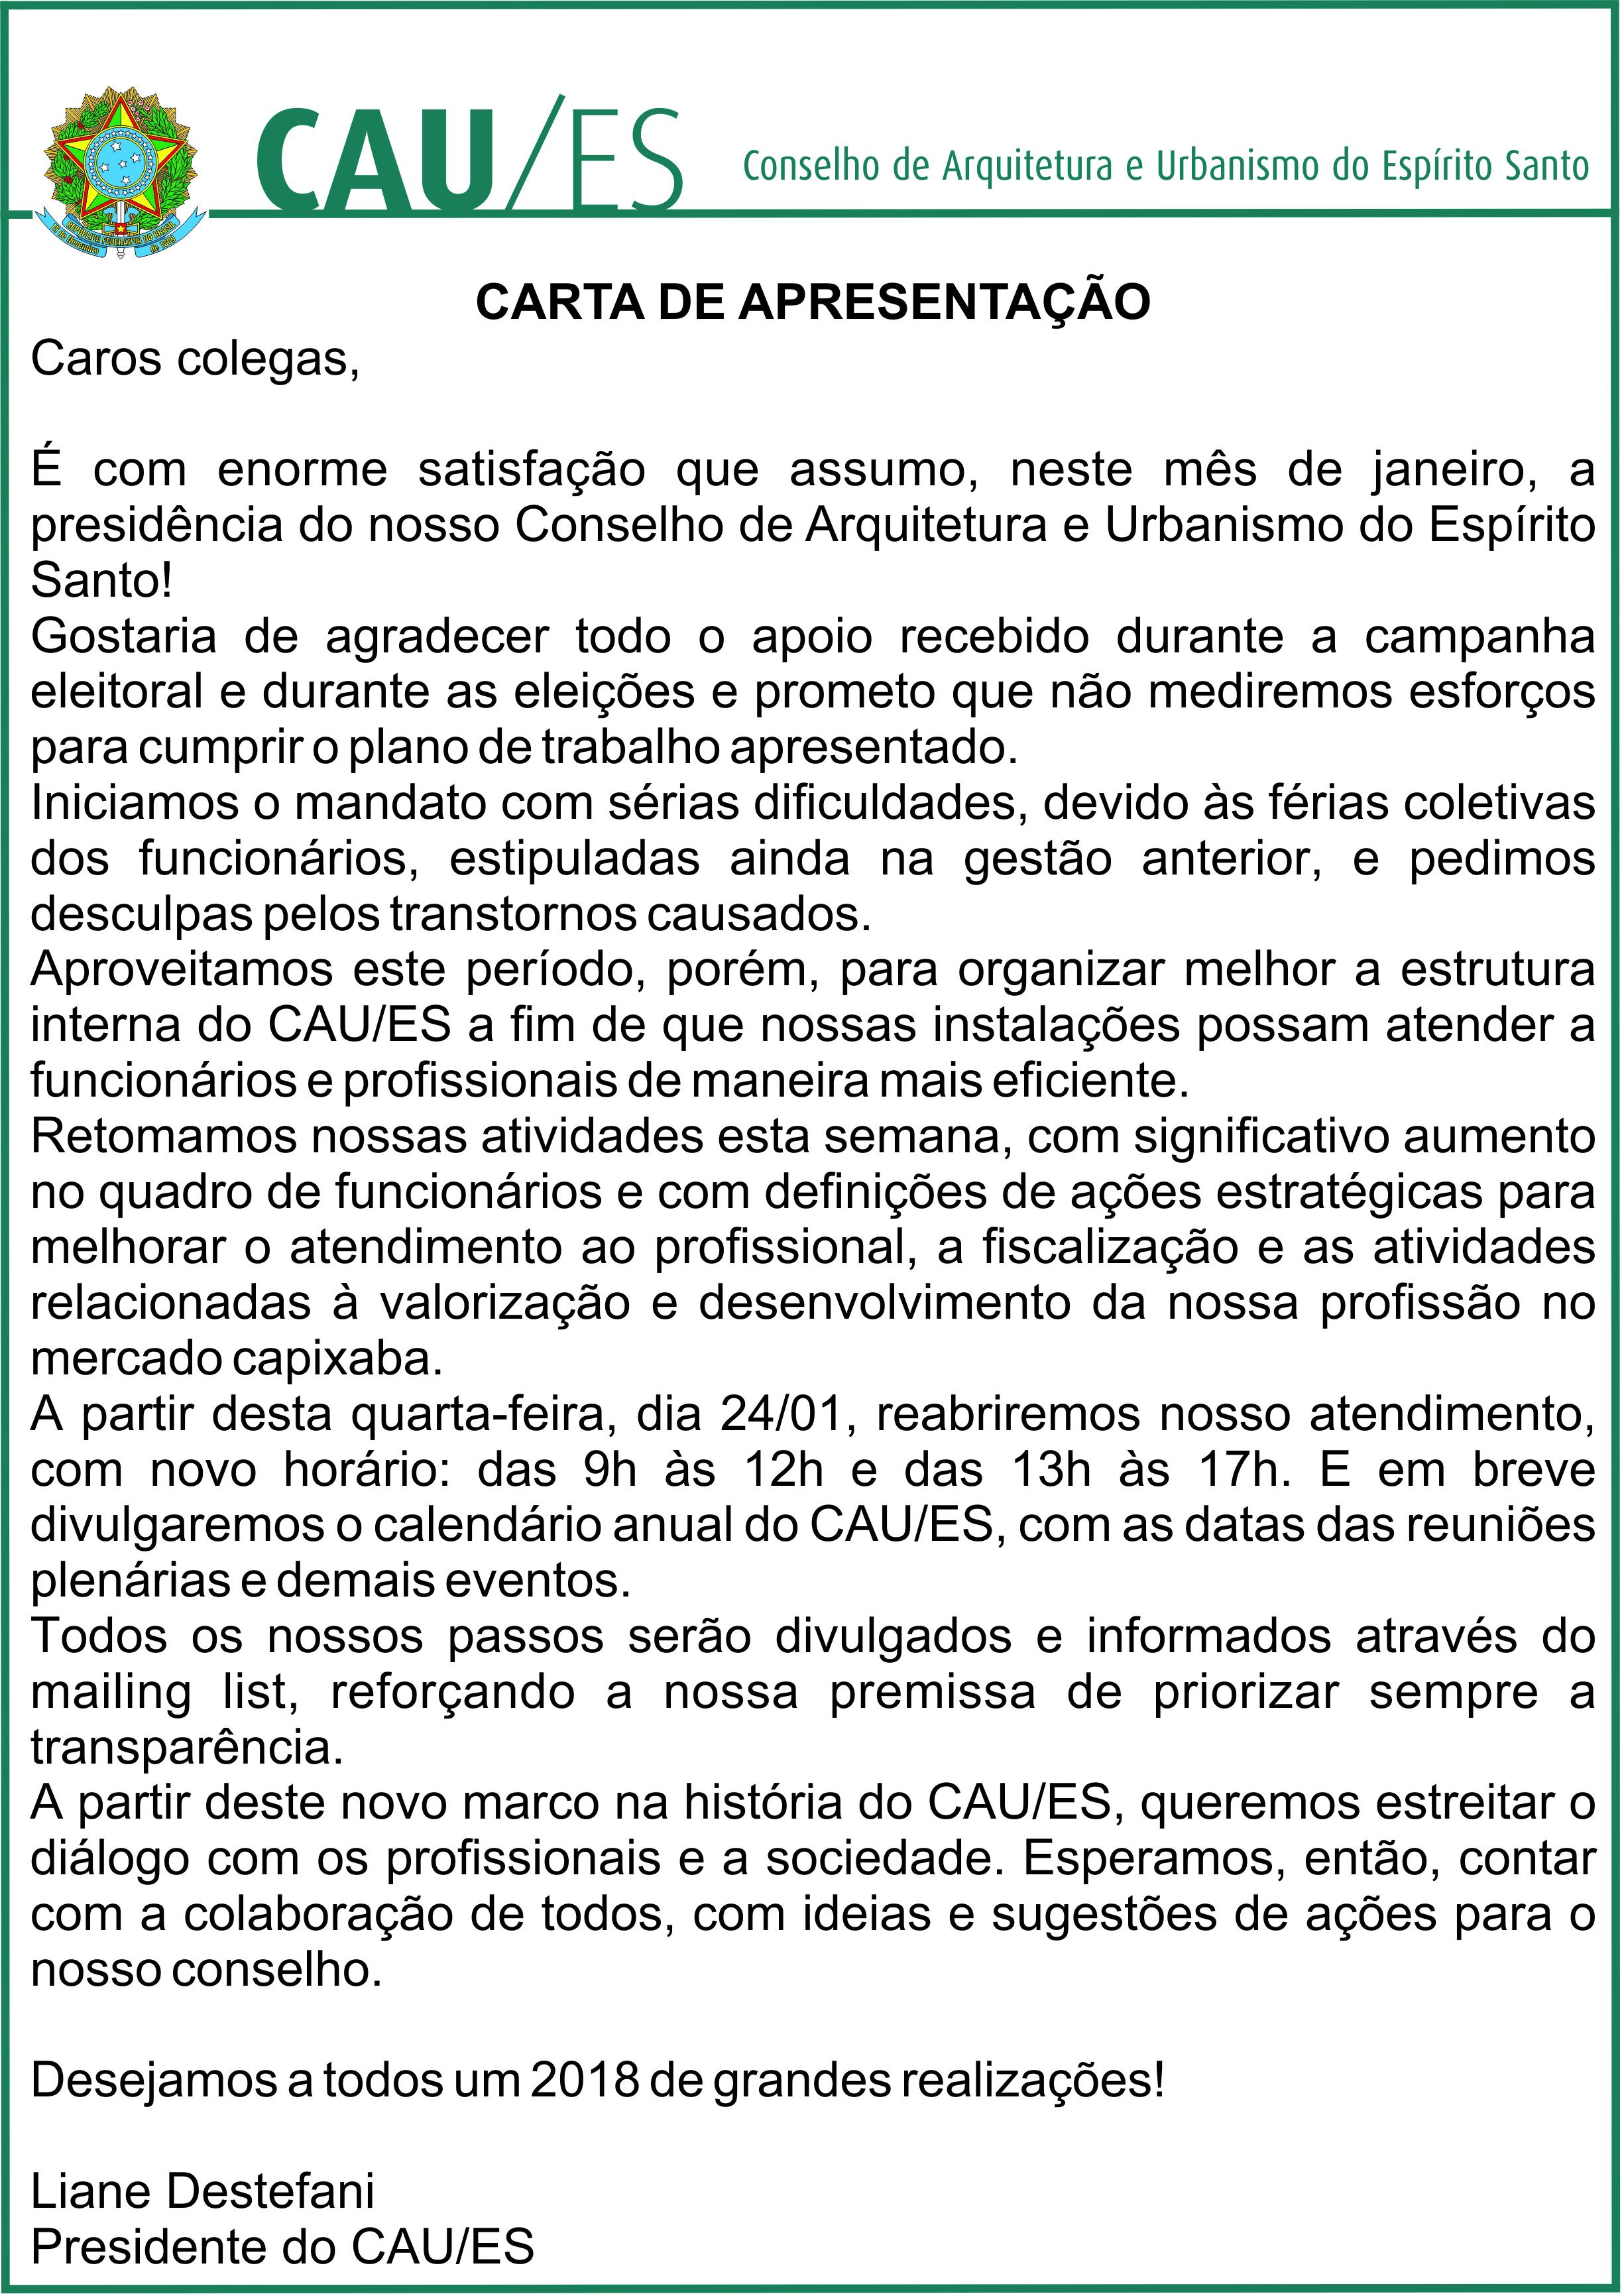 Carta De Apresentação Da Presidente Caues